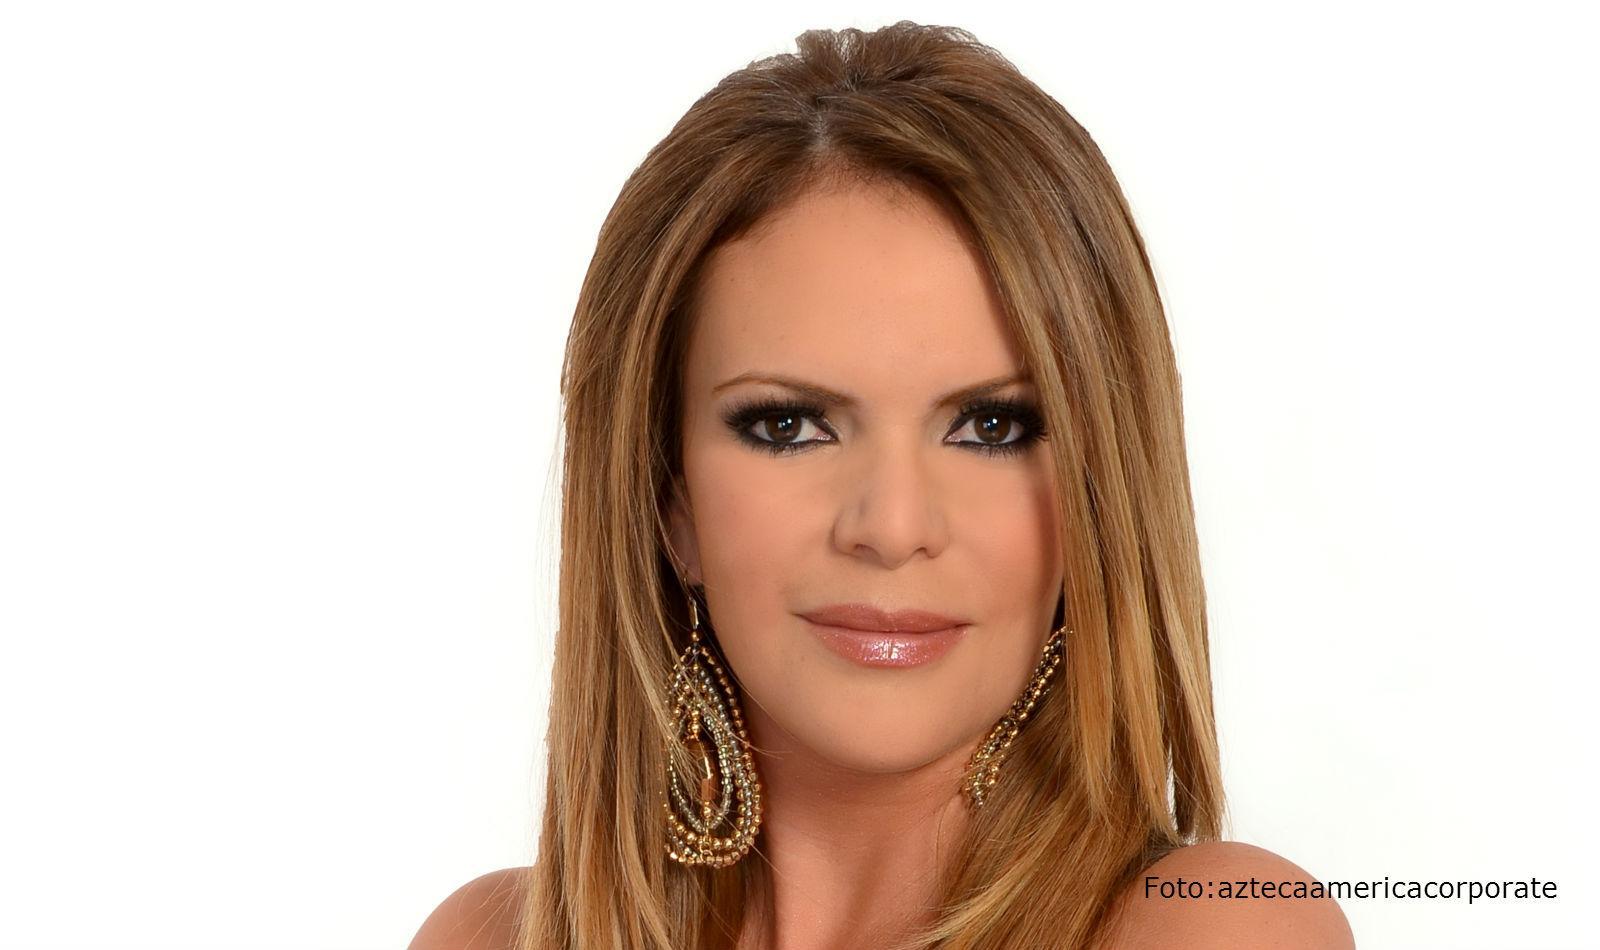 Aline Hernandez Sex download sex pics aline hernandez nude photos 2019 2020 hot